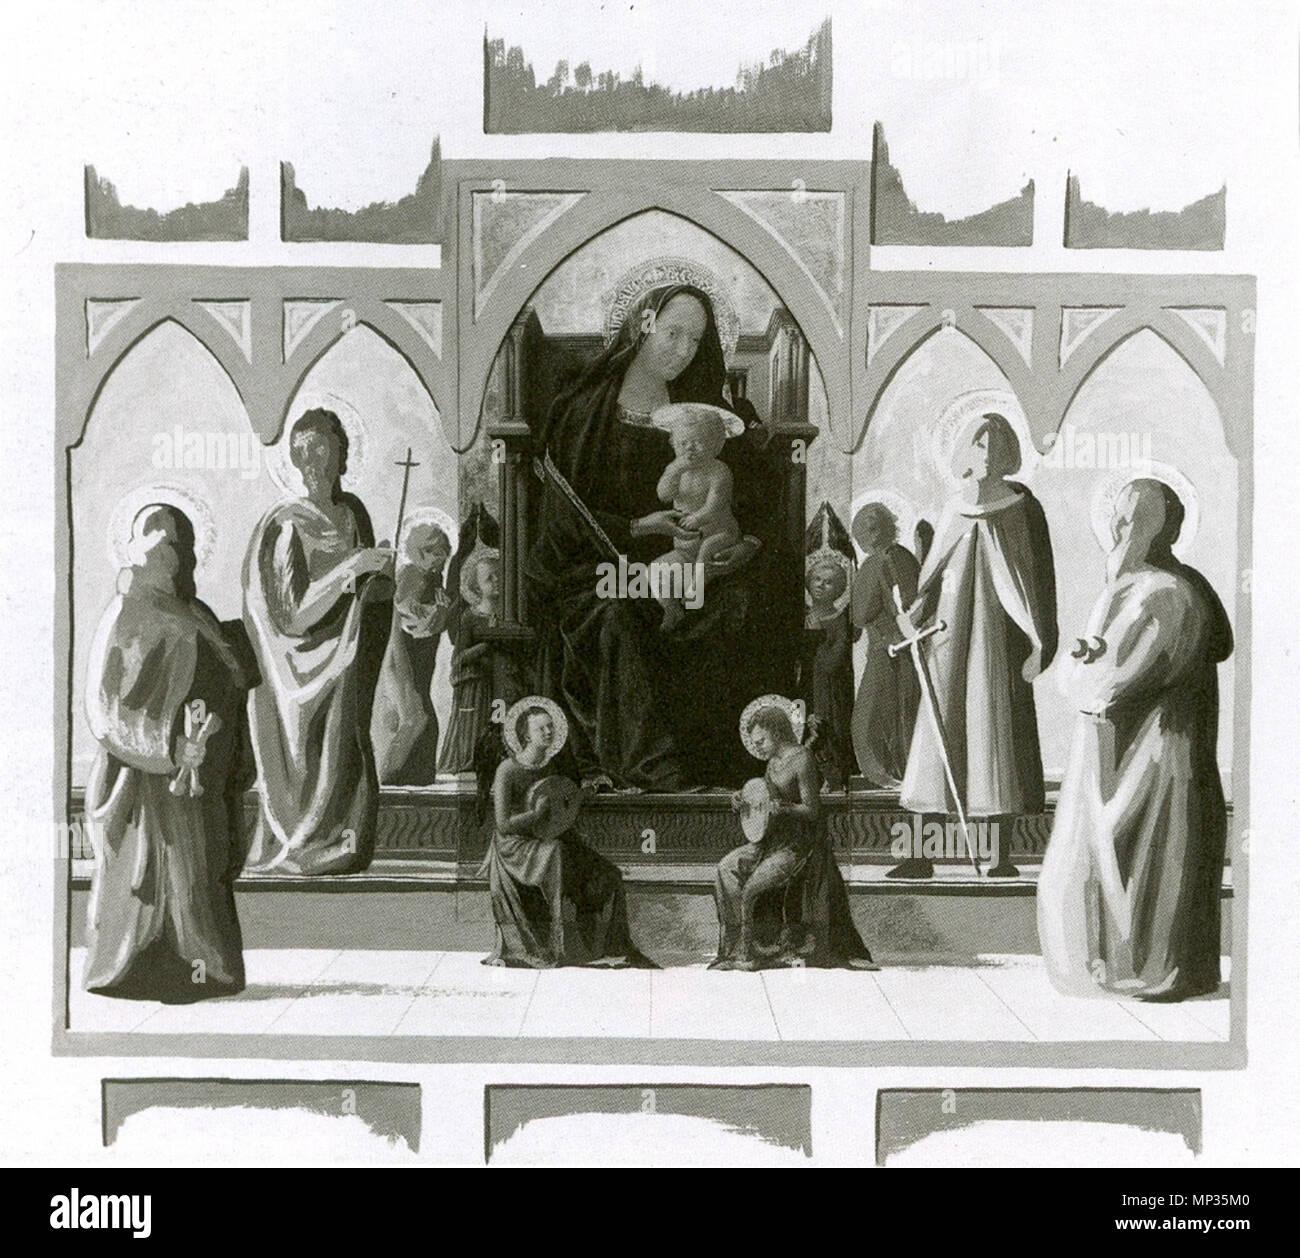 masaccio saint andrew and the pisa altarpiece